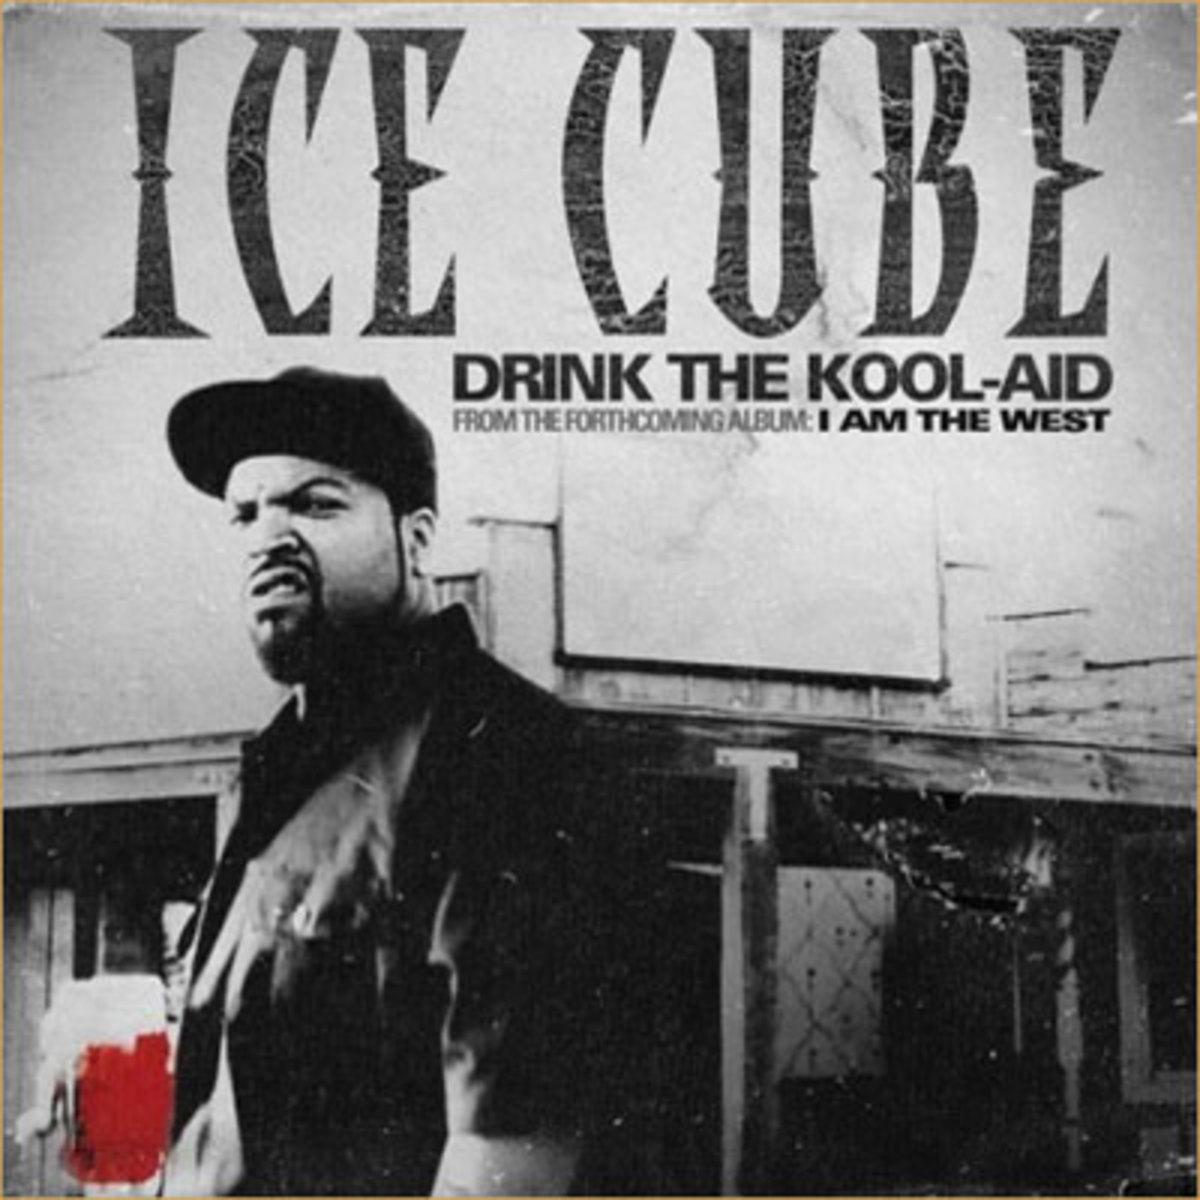 icecube-drinkthecoolaid.jpg